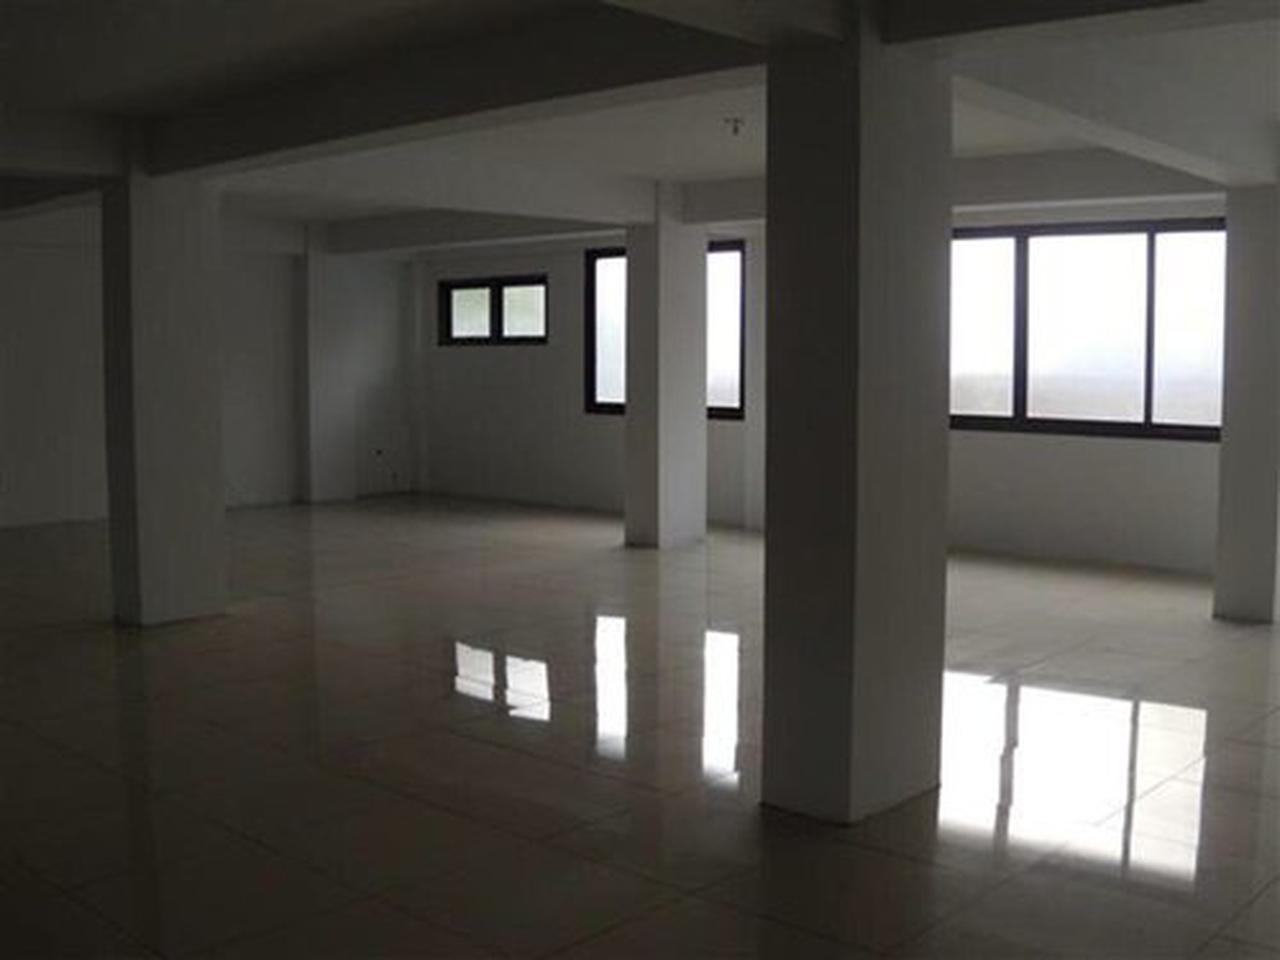 ขายอาคารพาณิชย์ 6 ชั้น อยู่ในซอยกรุงธนบุรี 6  เนื้อที่ 234.8 รูปที่ 1